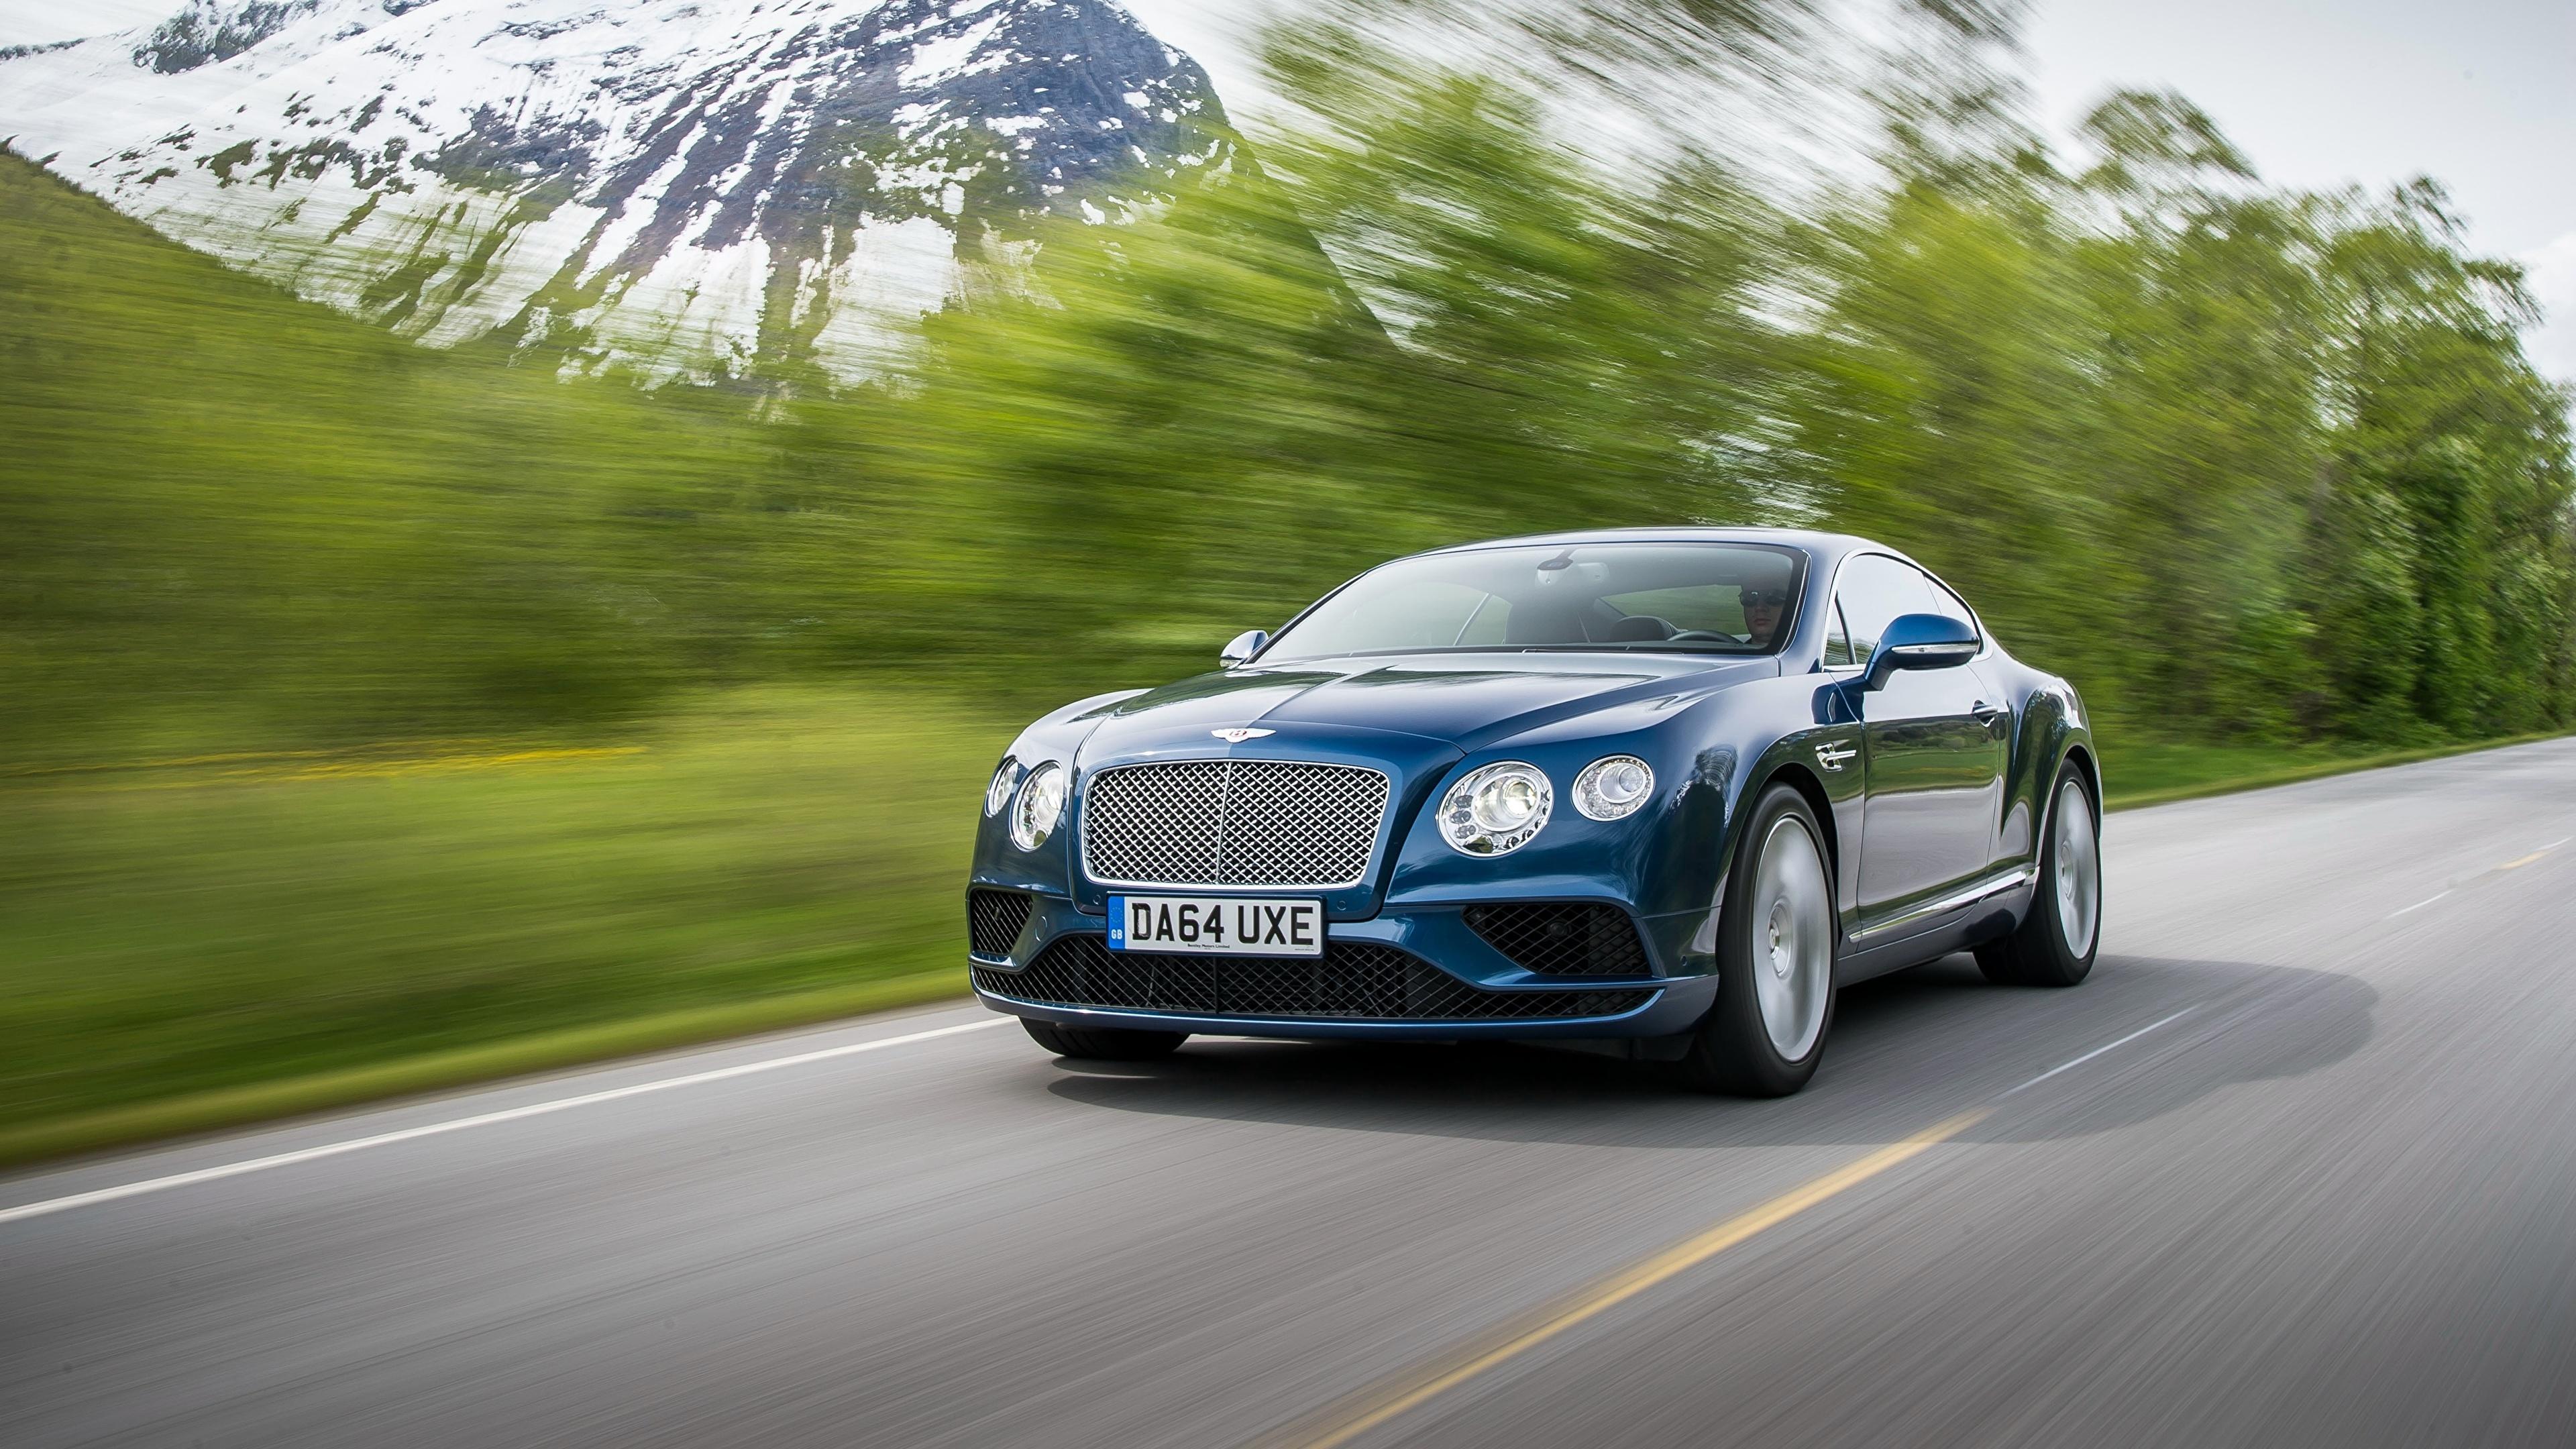 синий автомобиль Continental GT Speed без смс